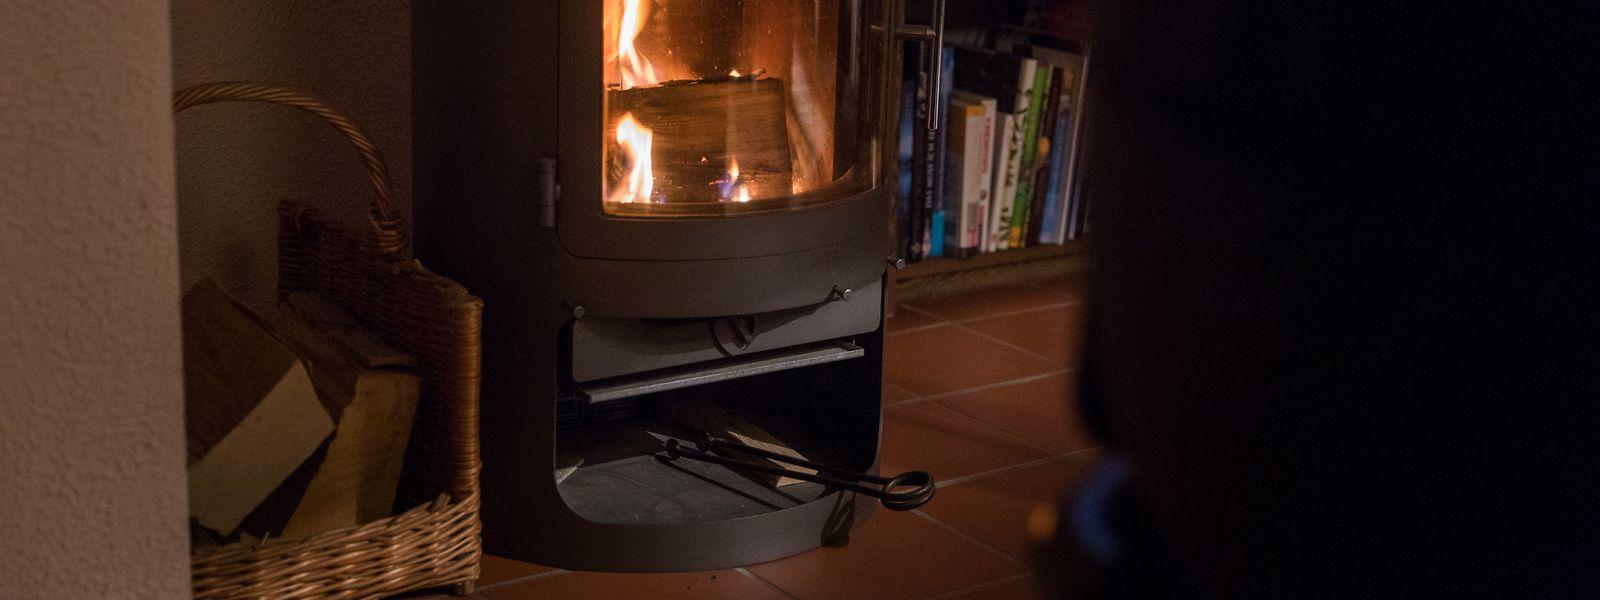 Ein Ofen darf nicht in der Gegend von leicht entflammbaren Stoffen stehen – wie beispielsweise Vorhängen oder einem Teppich. Ein Boden aus Stein ist hingegen ideal.